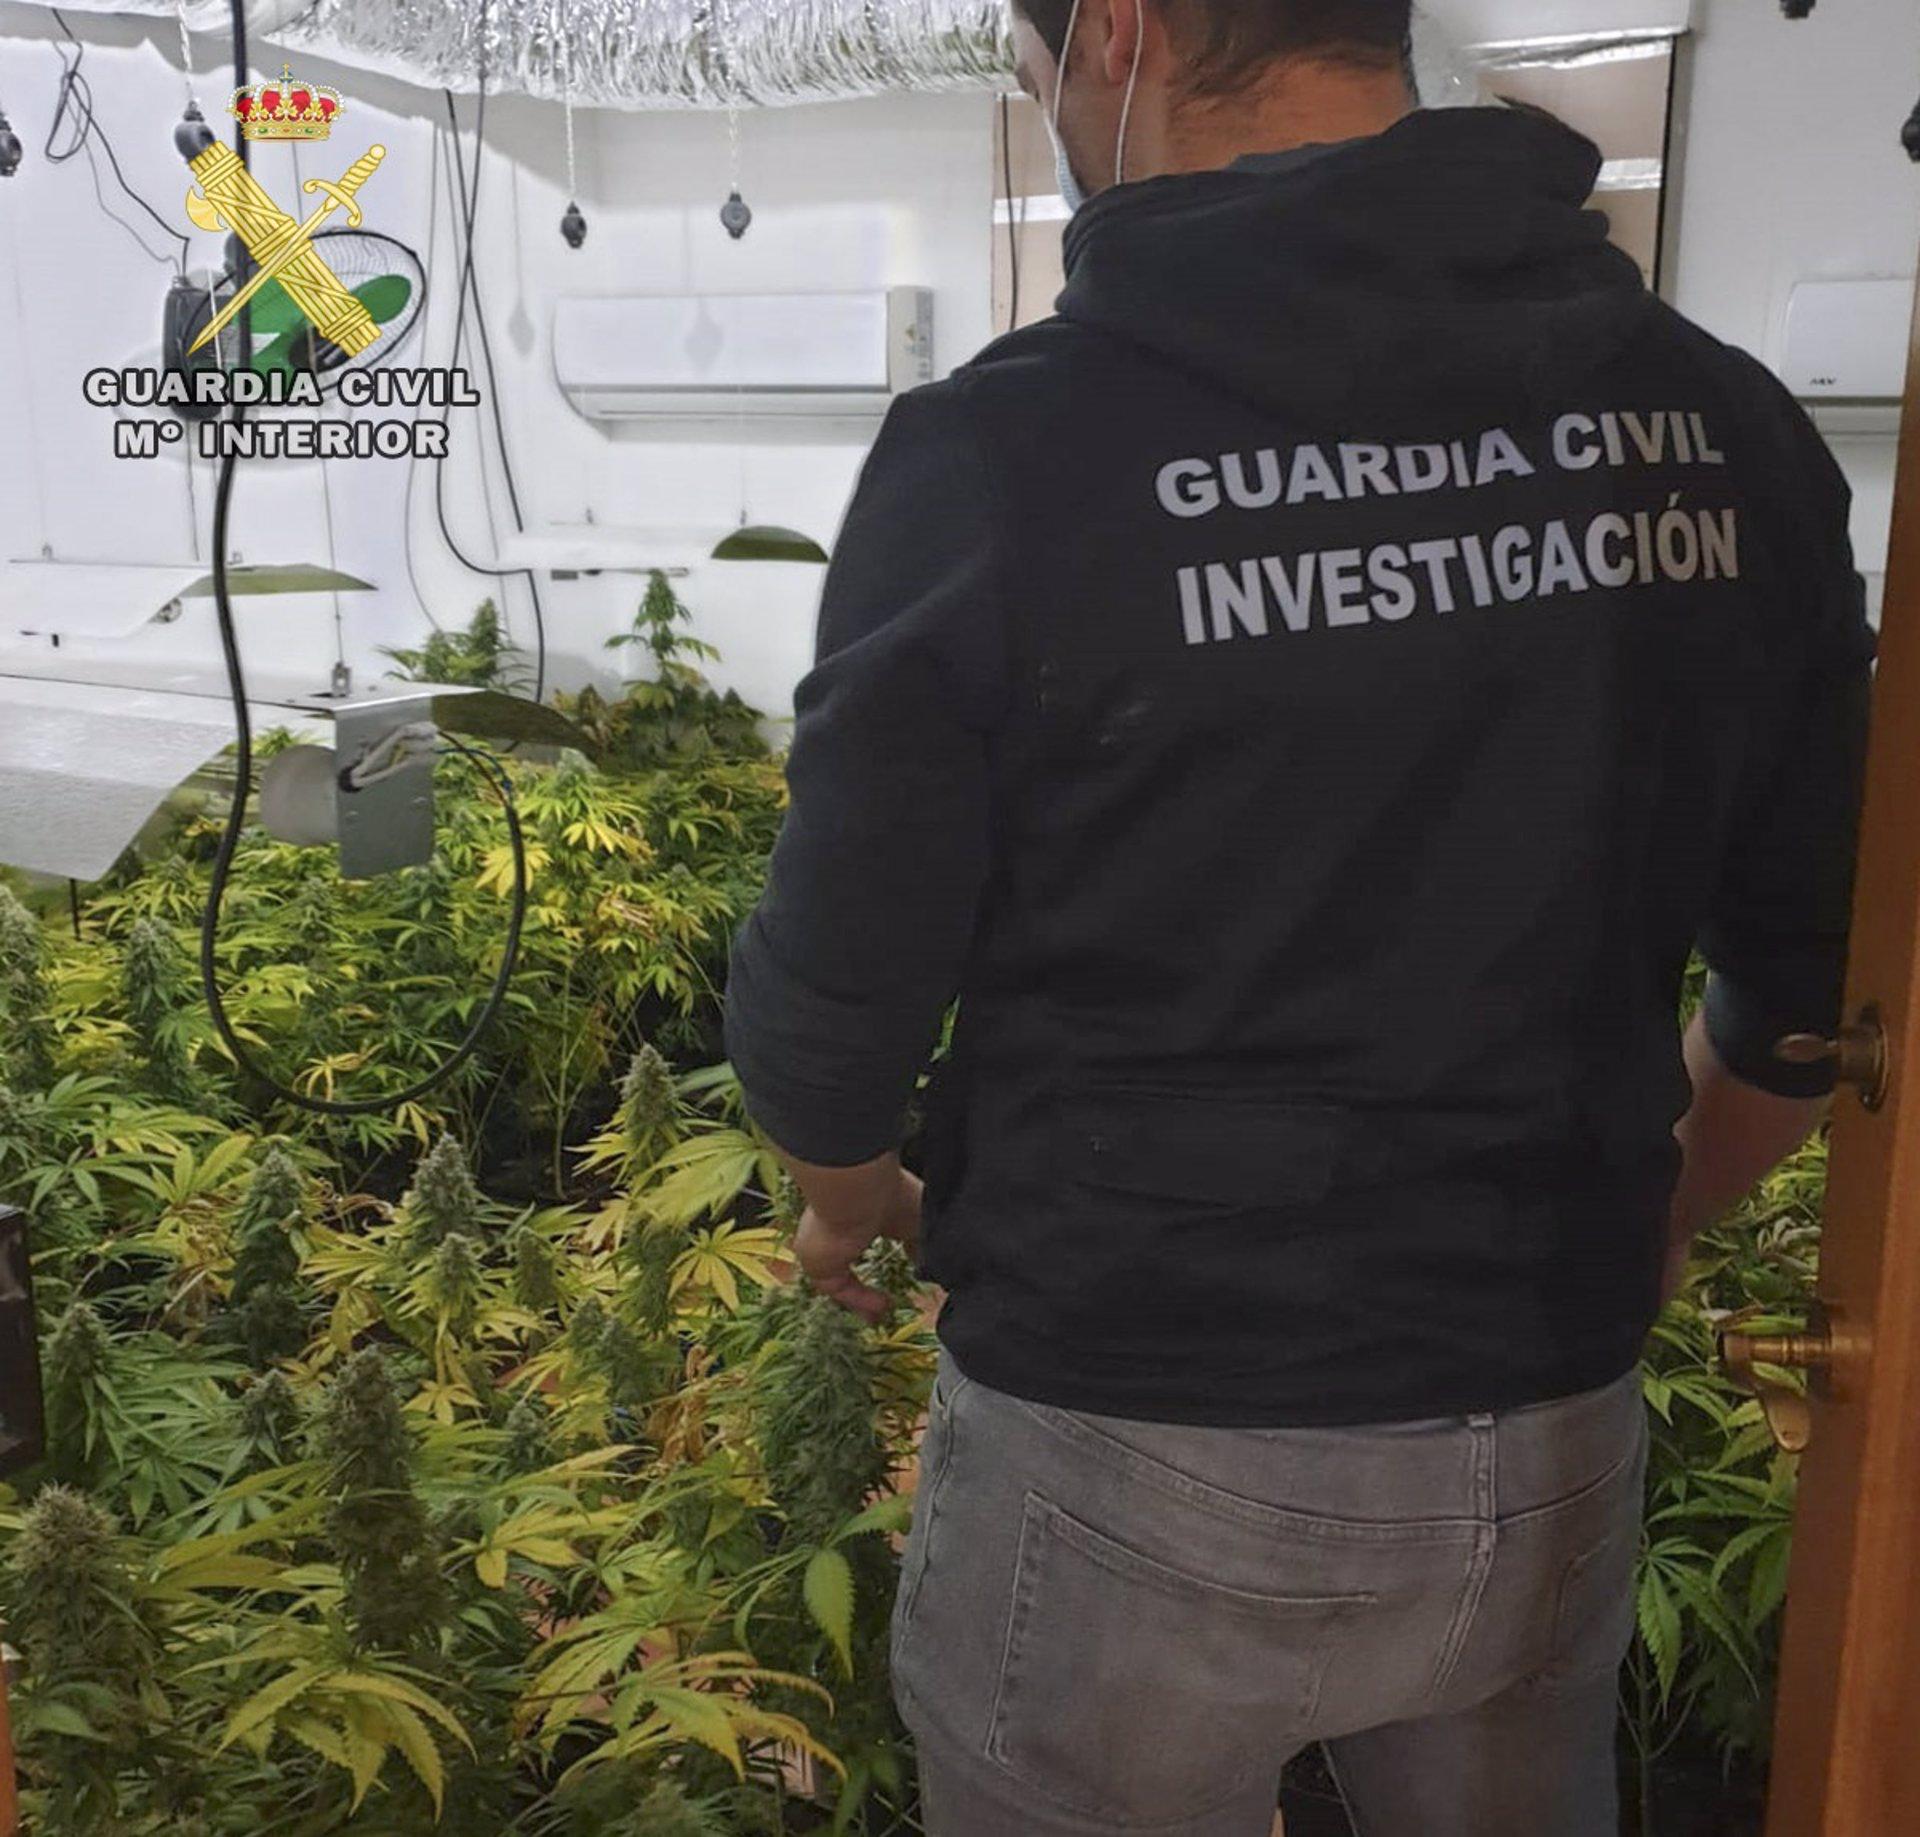 Desmantelan dos plantaciones de marihuana en Iznalloz y Santa Fe con 241 plantas